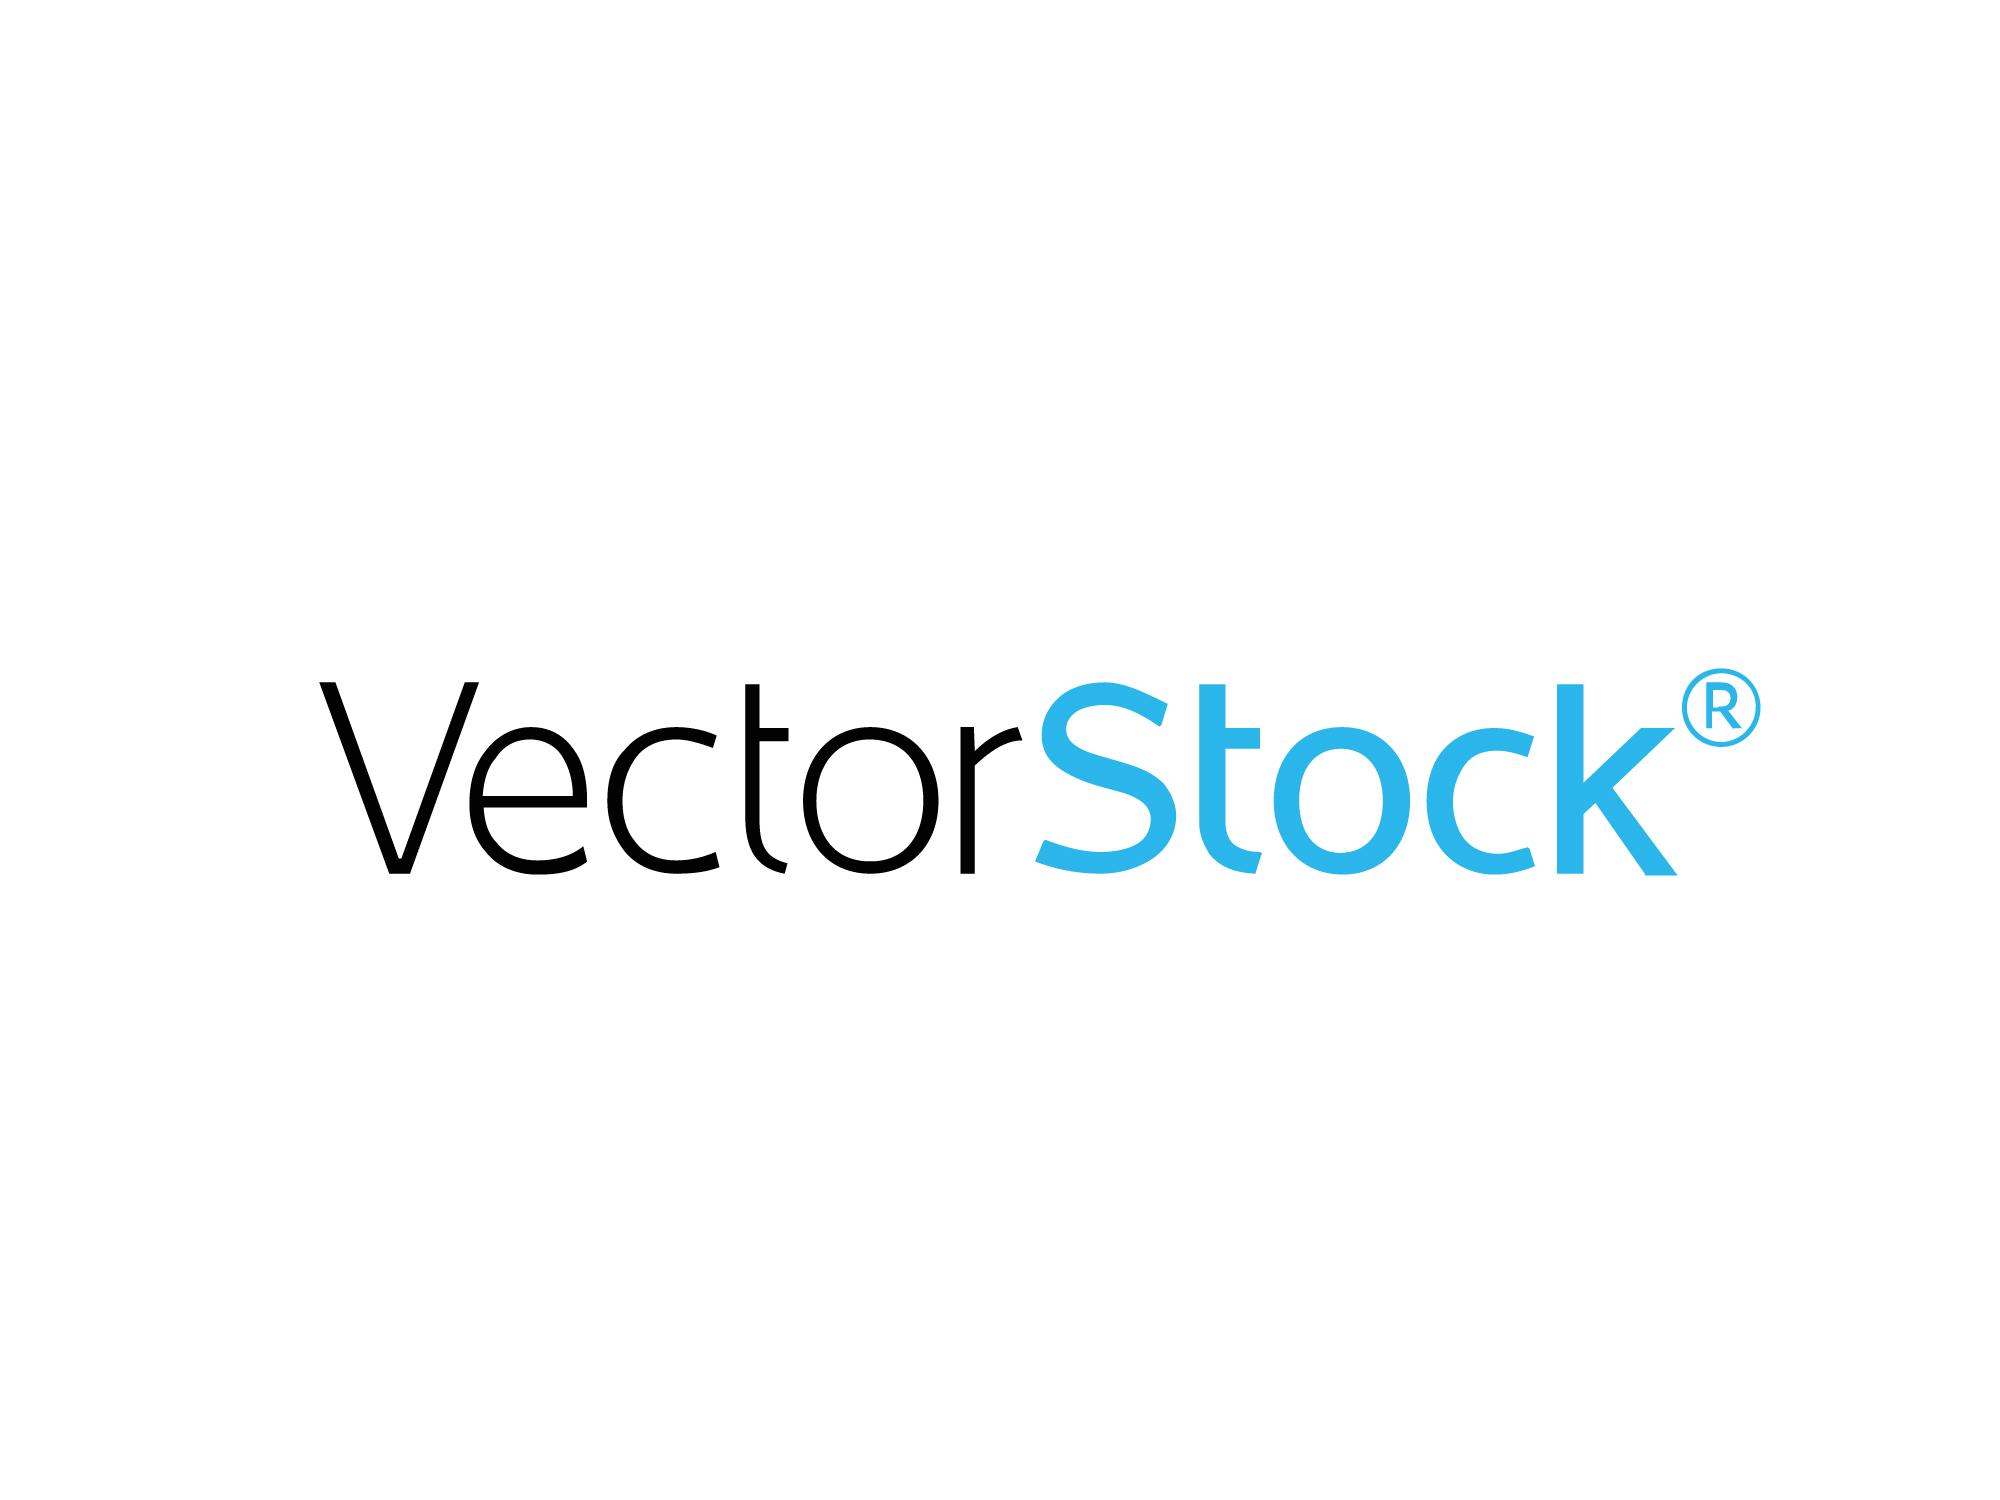 VectorStock logo